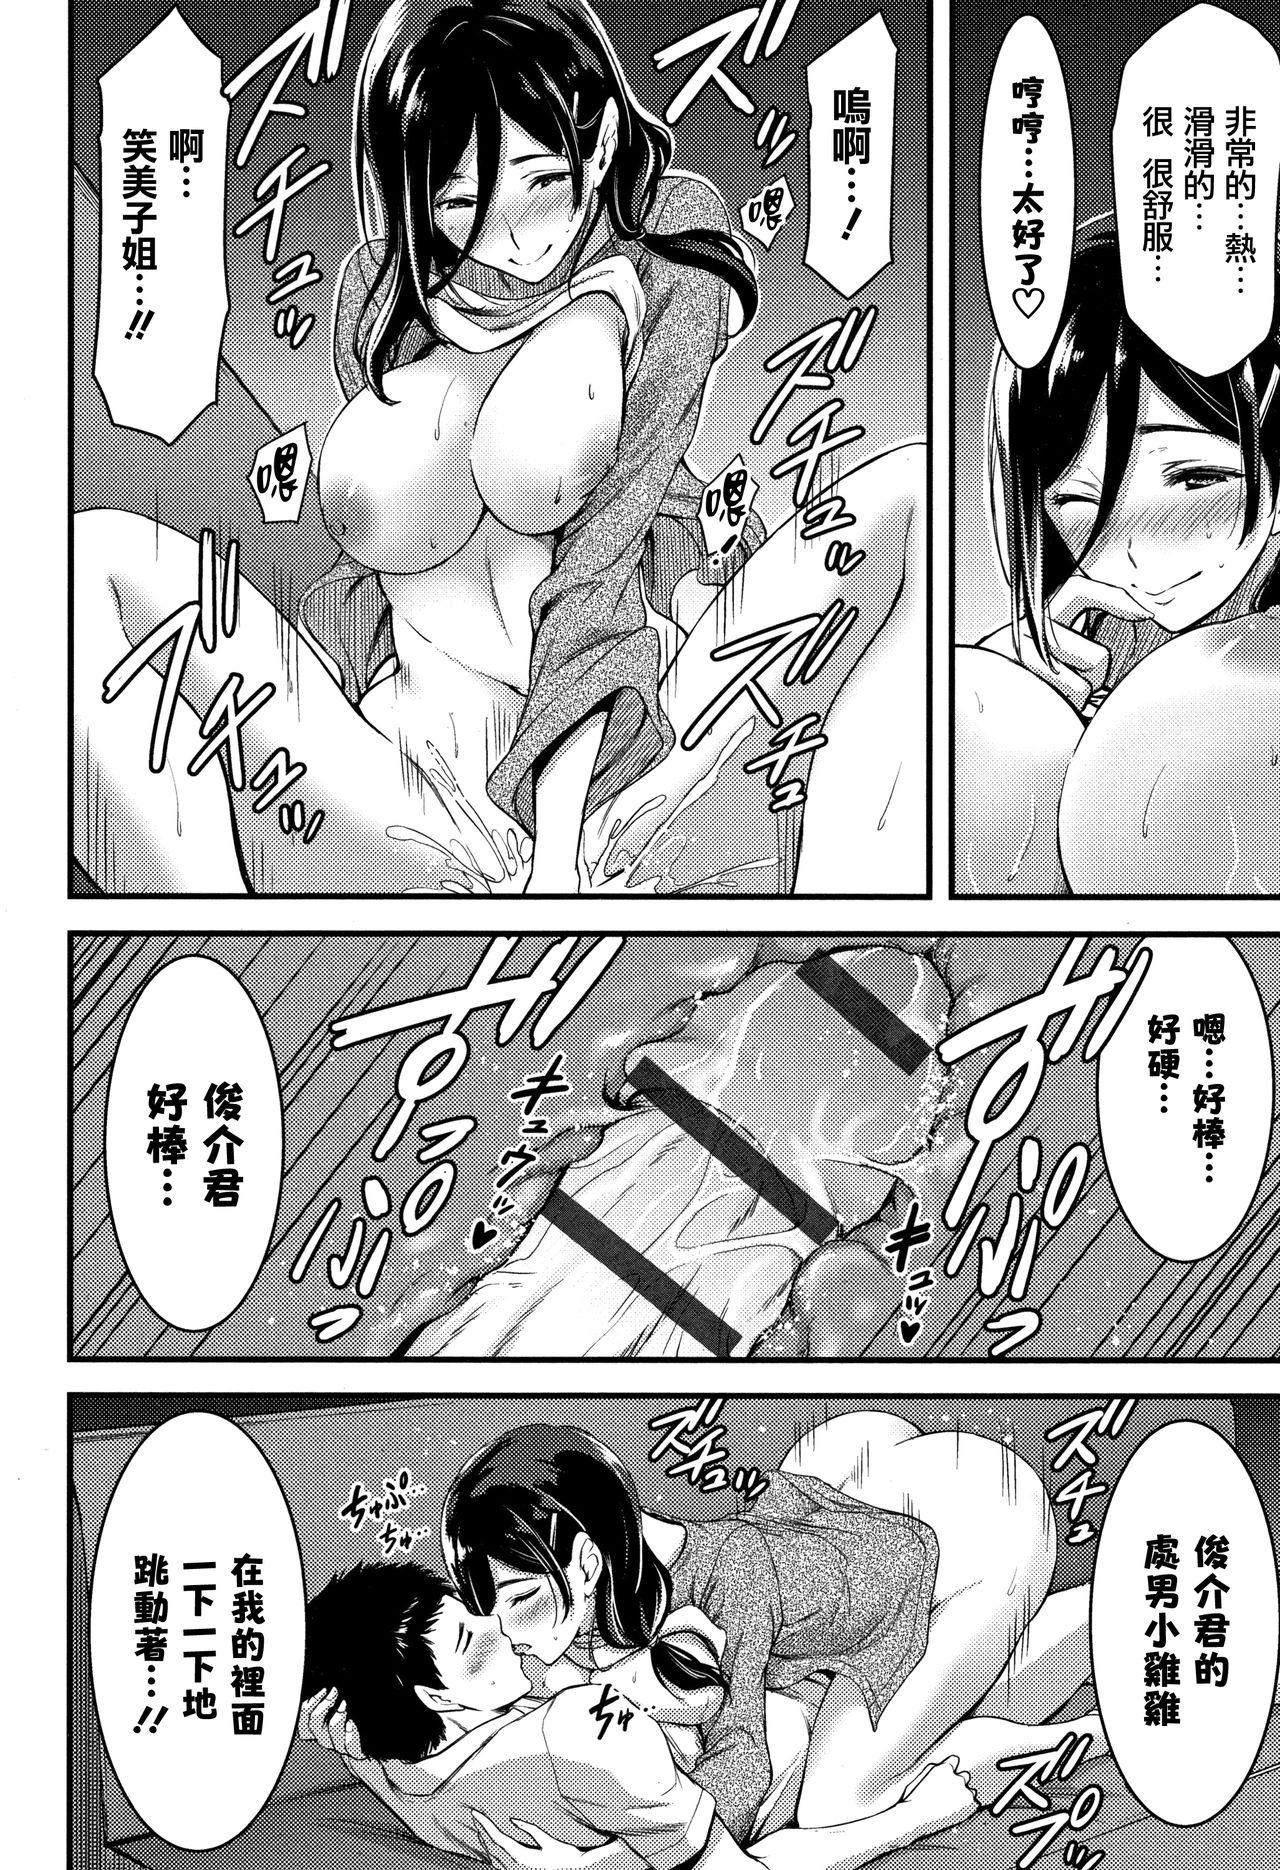 Nichijou Bitch Seitai Kansatsu 118